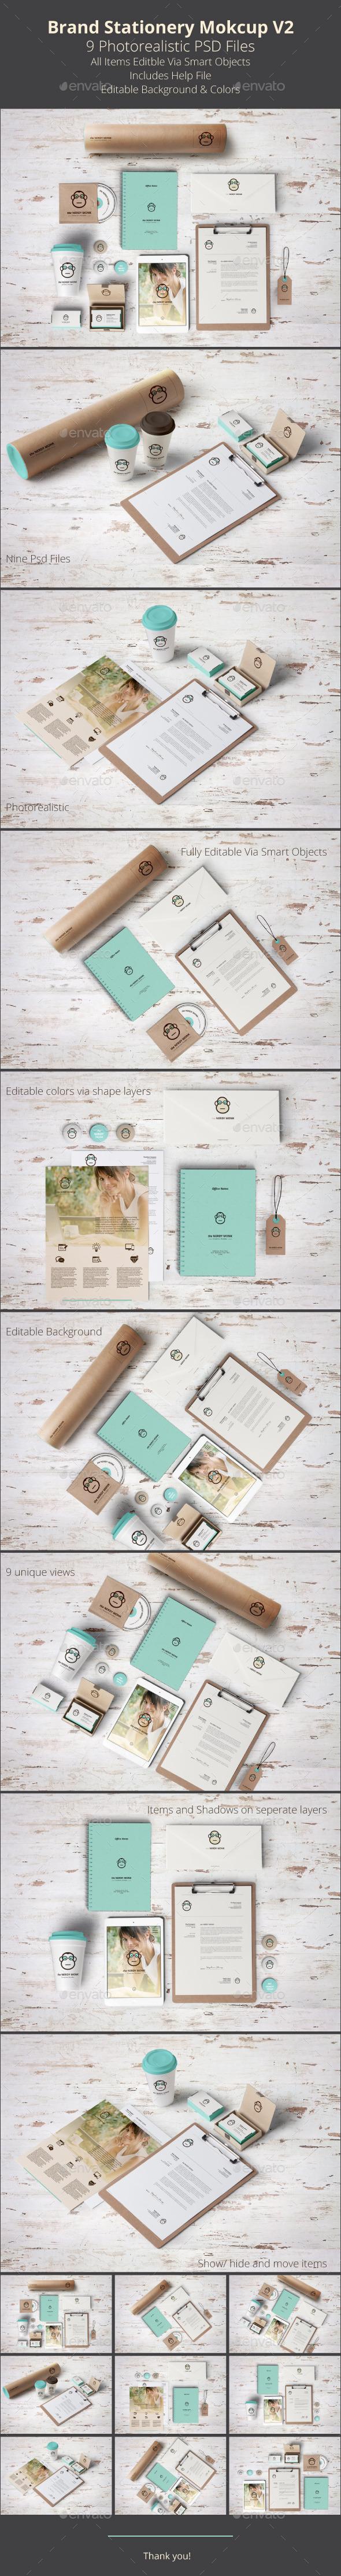 Brand Stationery Mockup V2 - Stationery Print